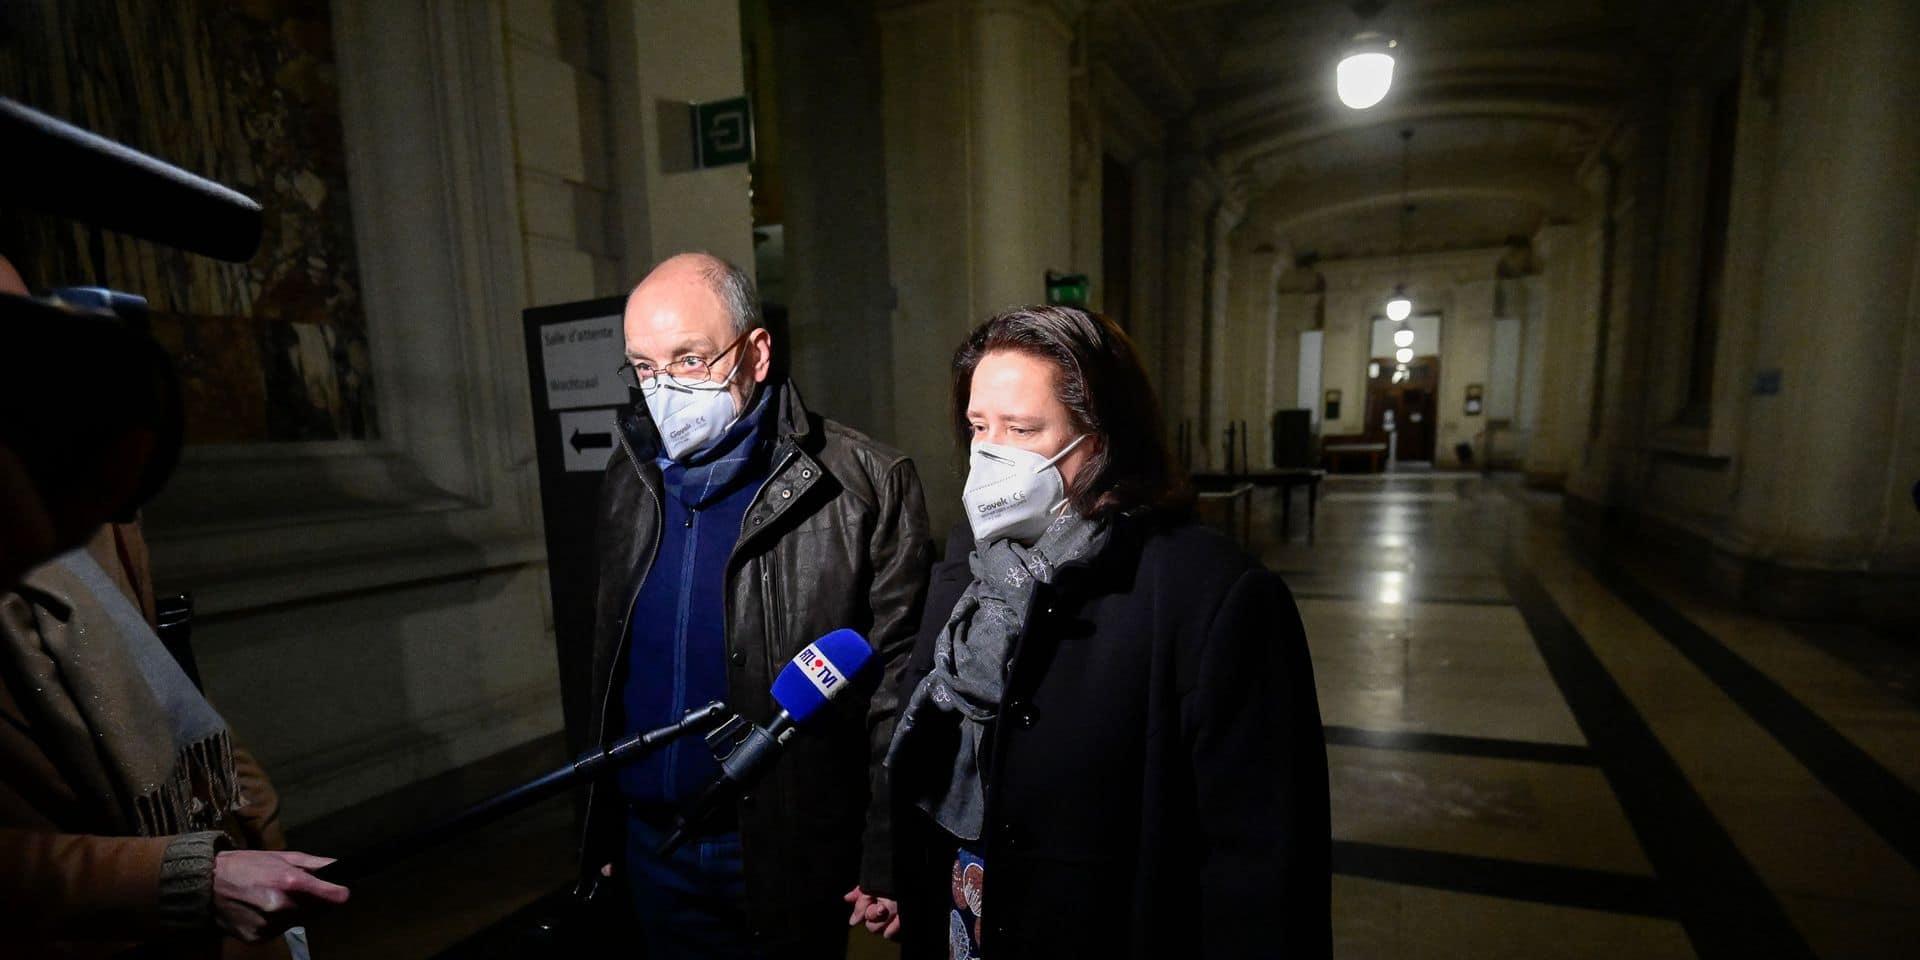 """""""Sylvia B. a dit qu'elle en était au point de vouloir le tuer"""": les langues se délient au procès de l'ancien député Christian Van Eyken"""